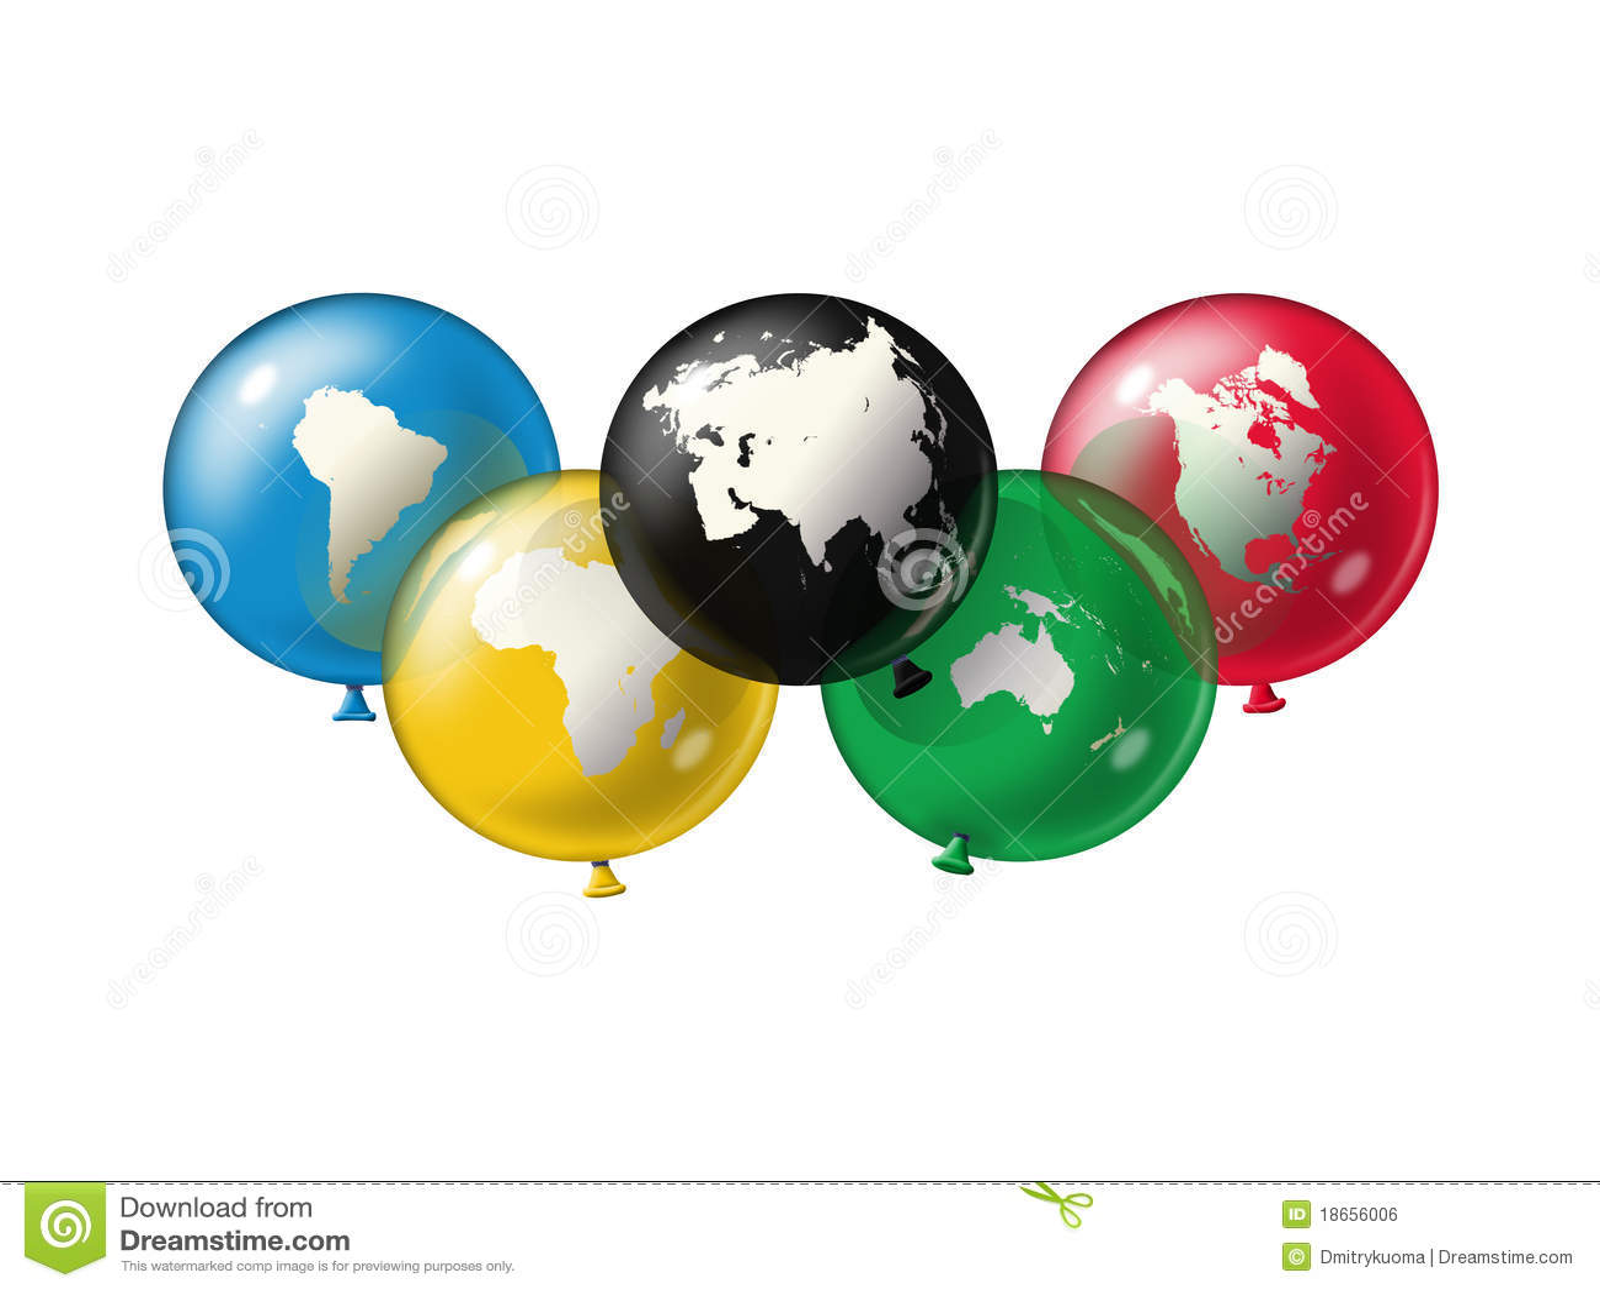 olympisches symbol stockfoto bild von kugel spiele